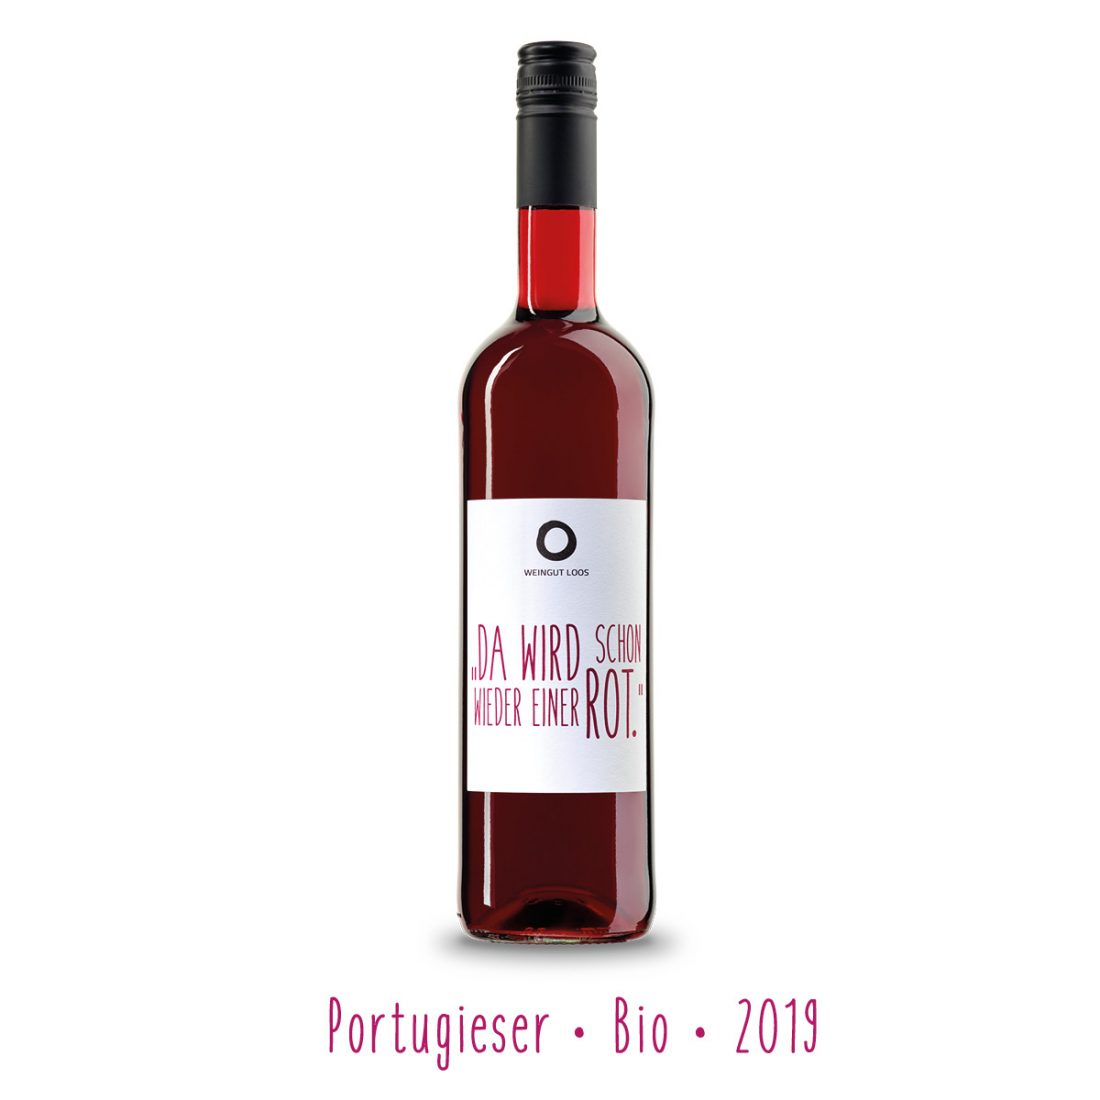 Weingut Loos hier und jetzt da wird schon wieder einer rot